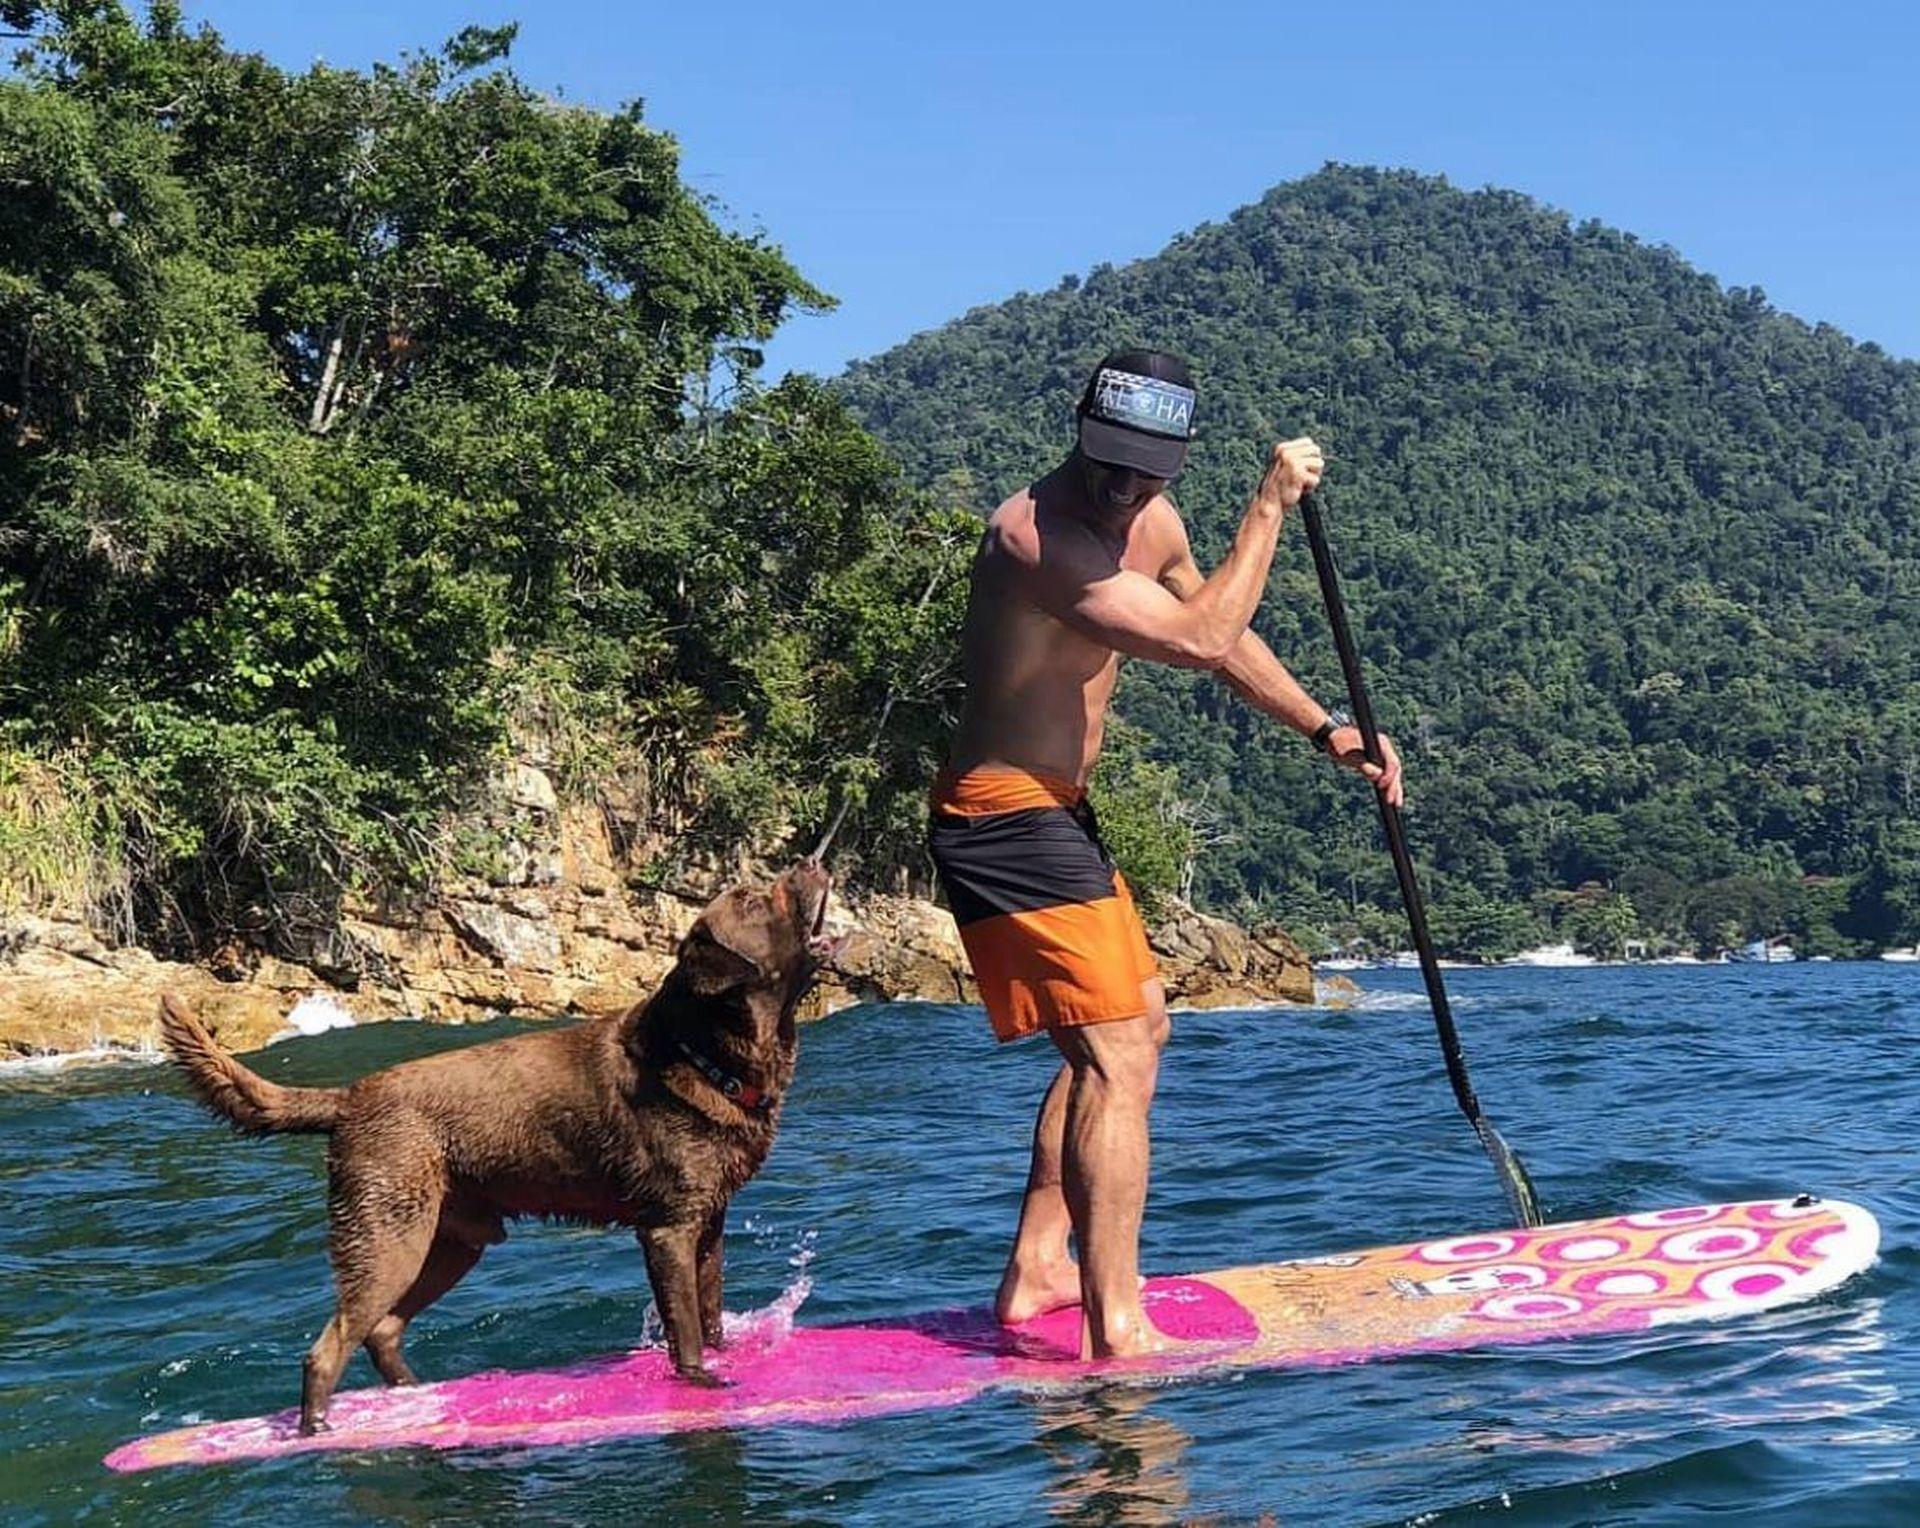 A história da dupla começou meio que por acaso, quando Ivan foi remar stand up paddle e Bono saiu nadando atrás. Foto: reprodução Instagram.